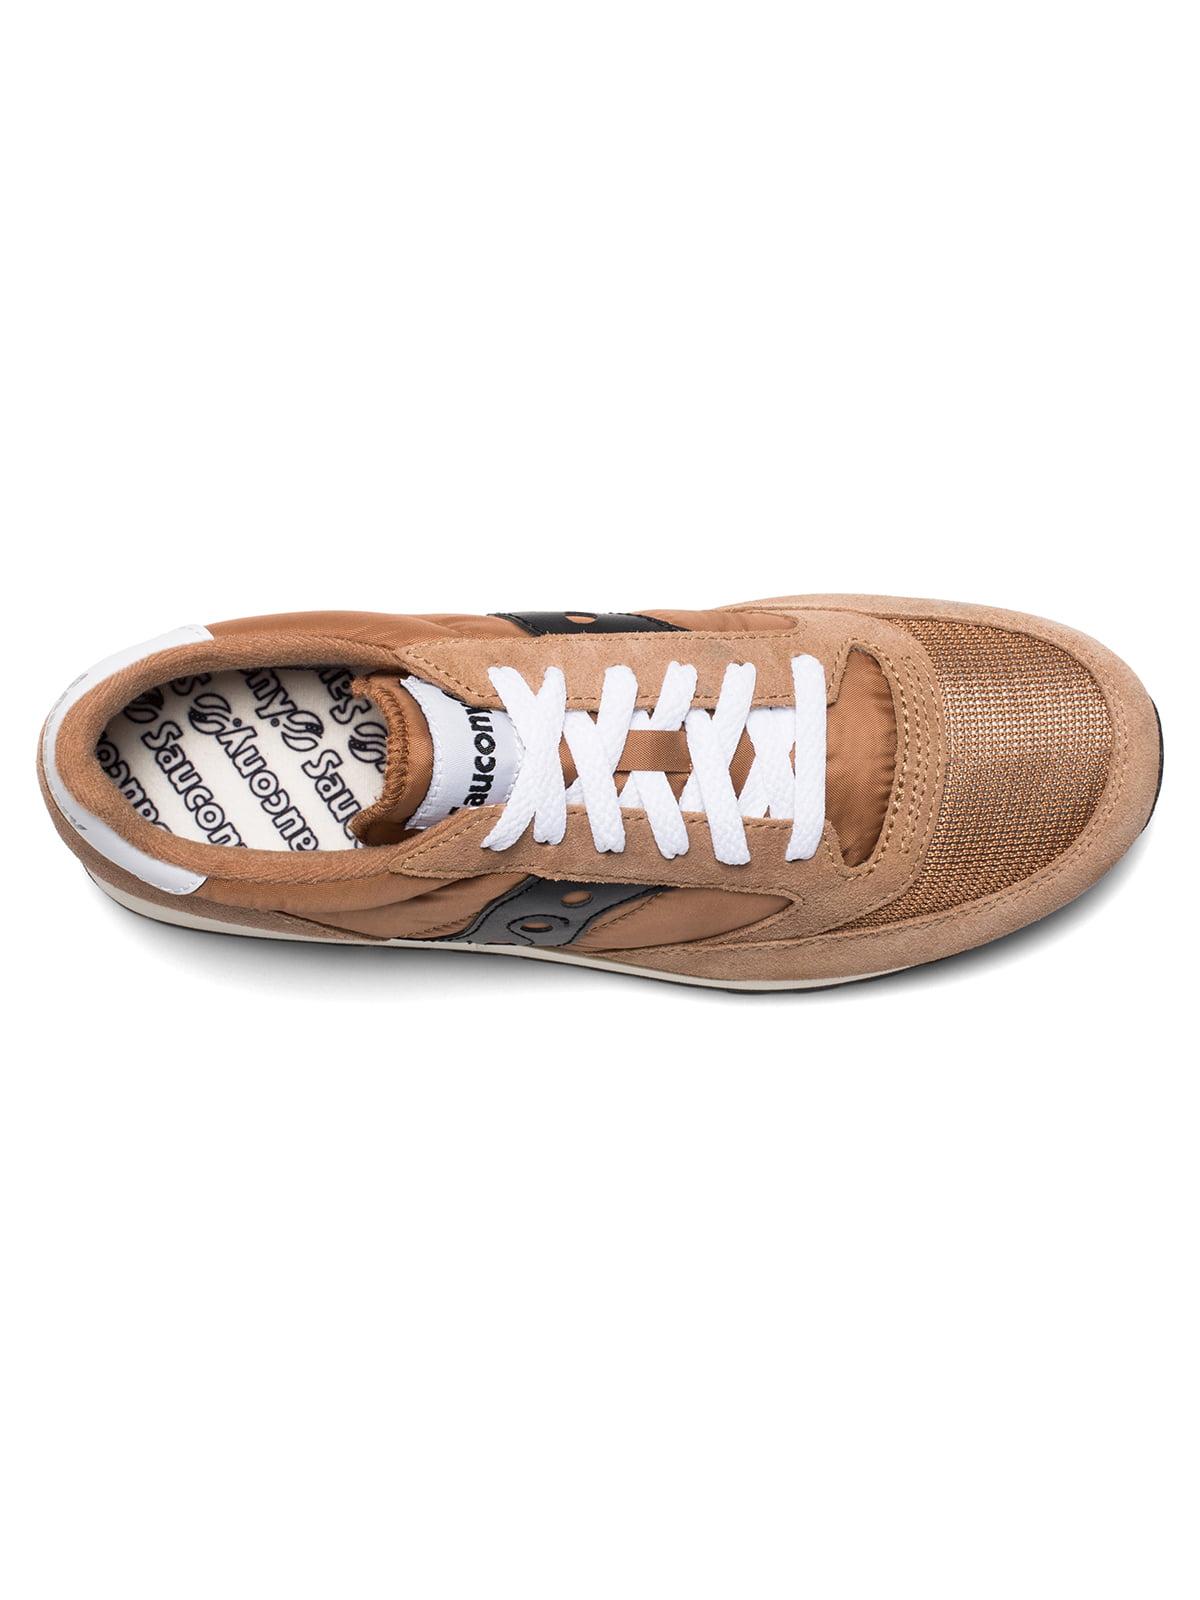 Кросівки коричневі | 4920804 | фото 3